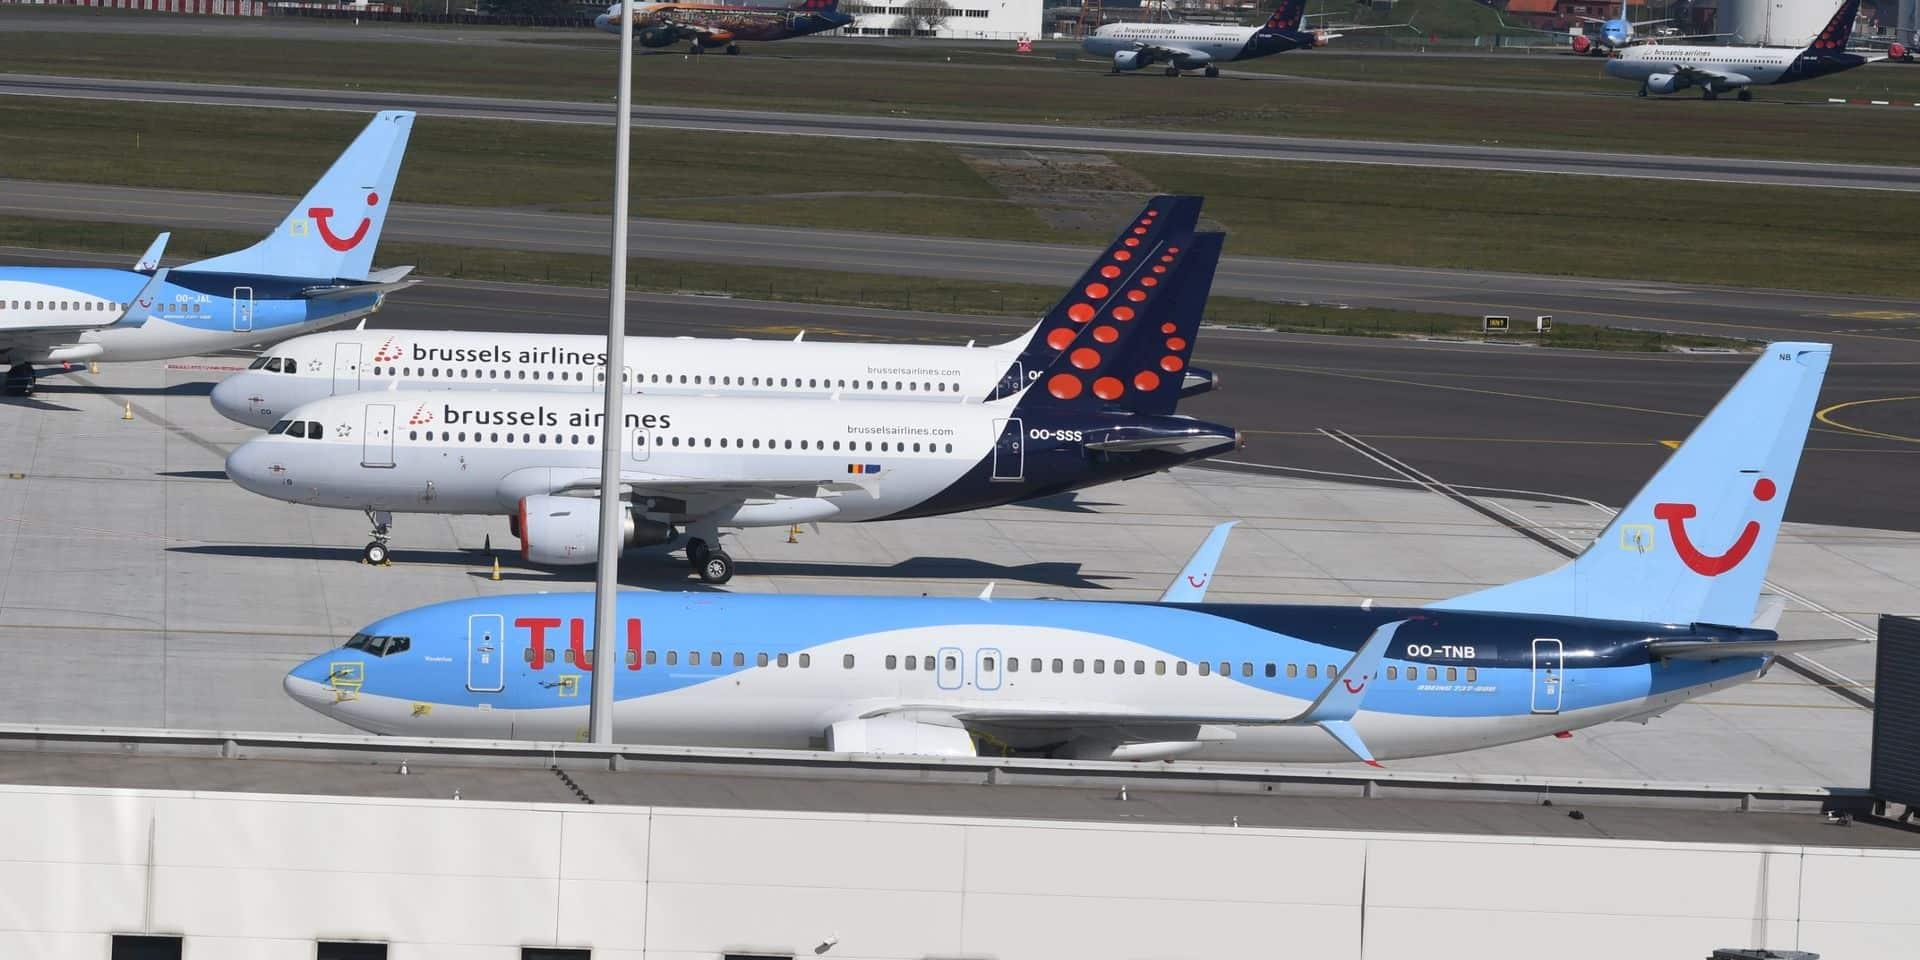 TUI prolonge ses bons corona, Brussels Airlines conserve sa flexibilité